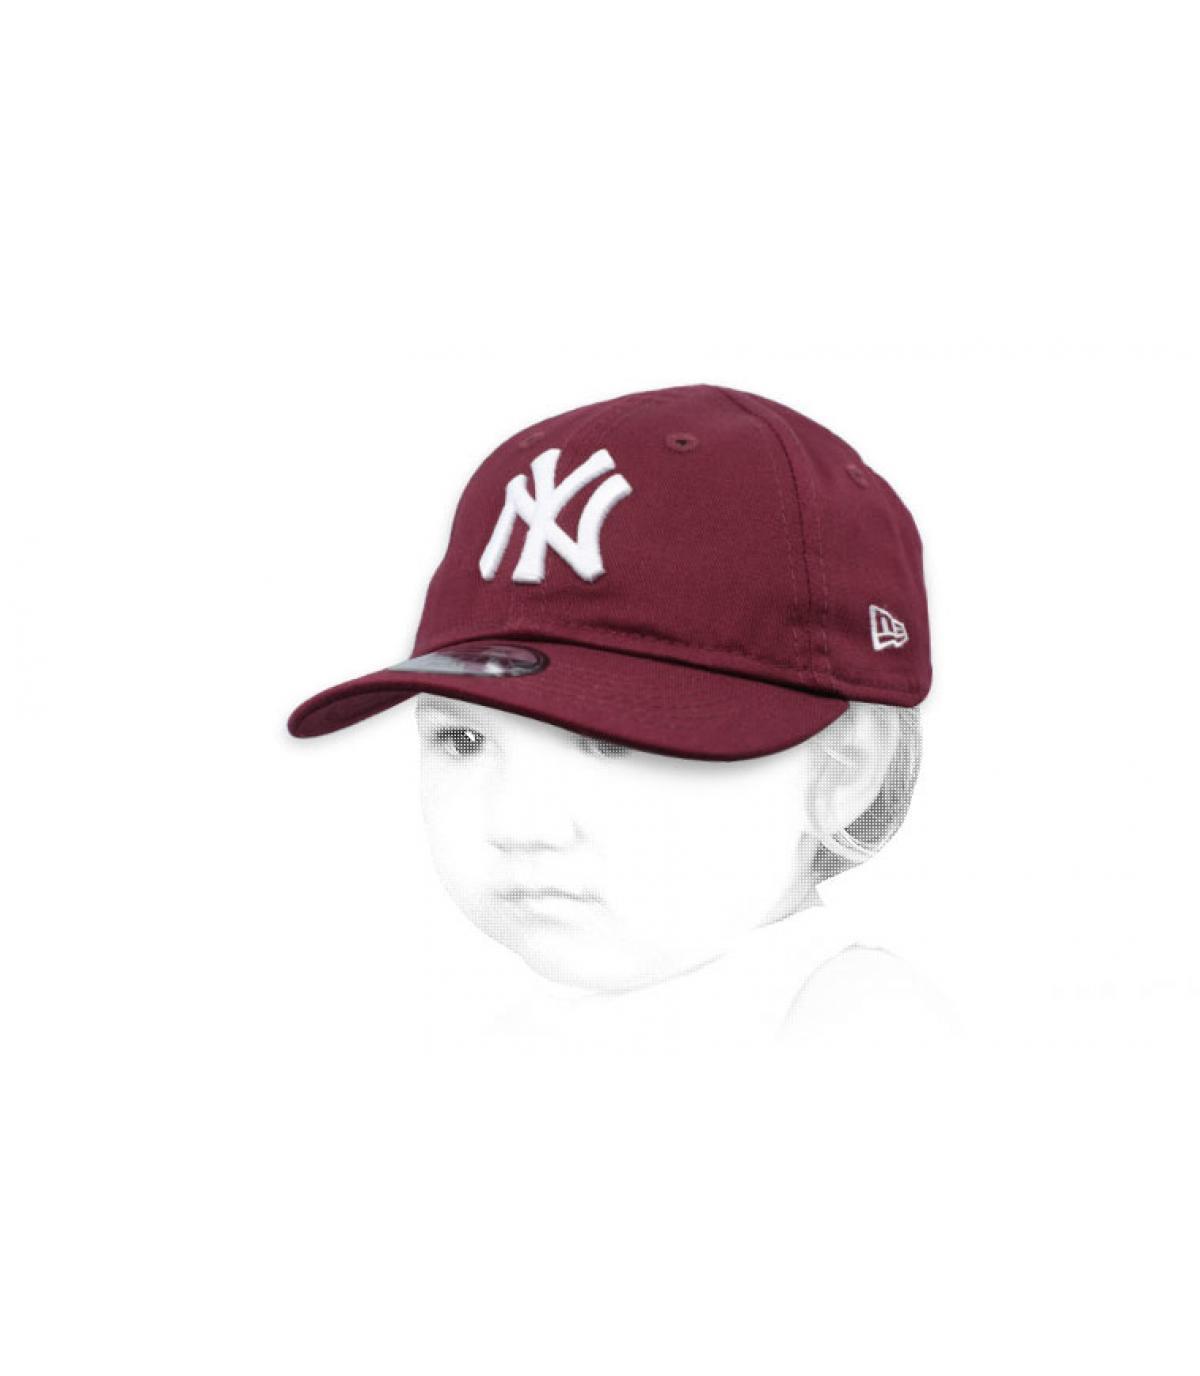 casquette NY bébé violet